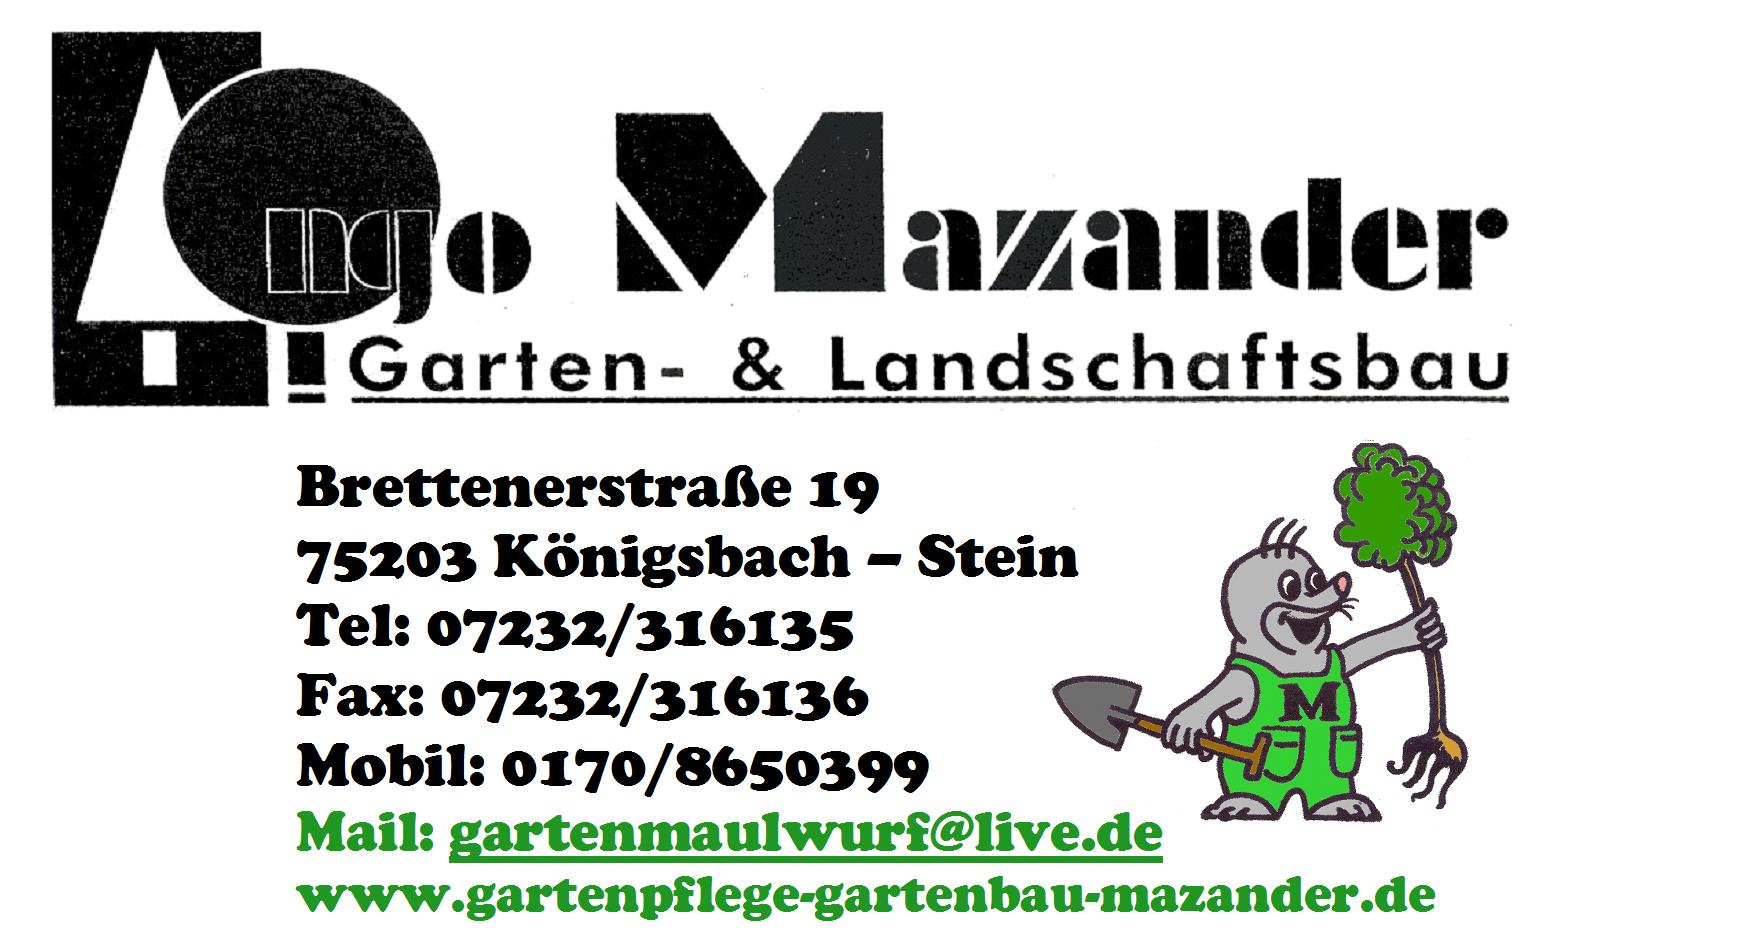 Garten Landschaftsbau Ingo Mazander Gartenbau In